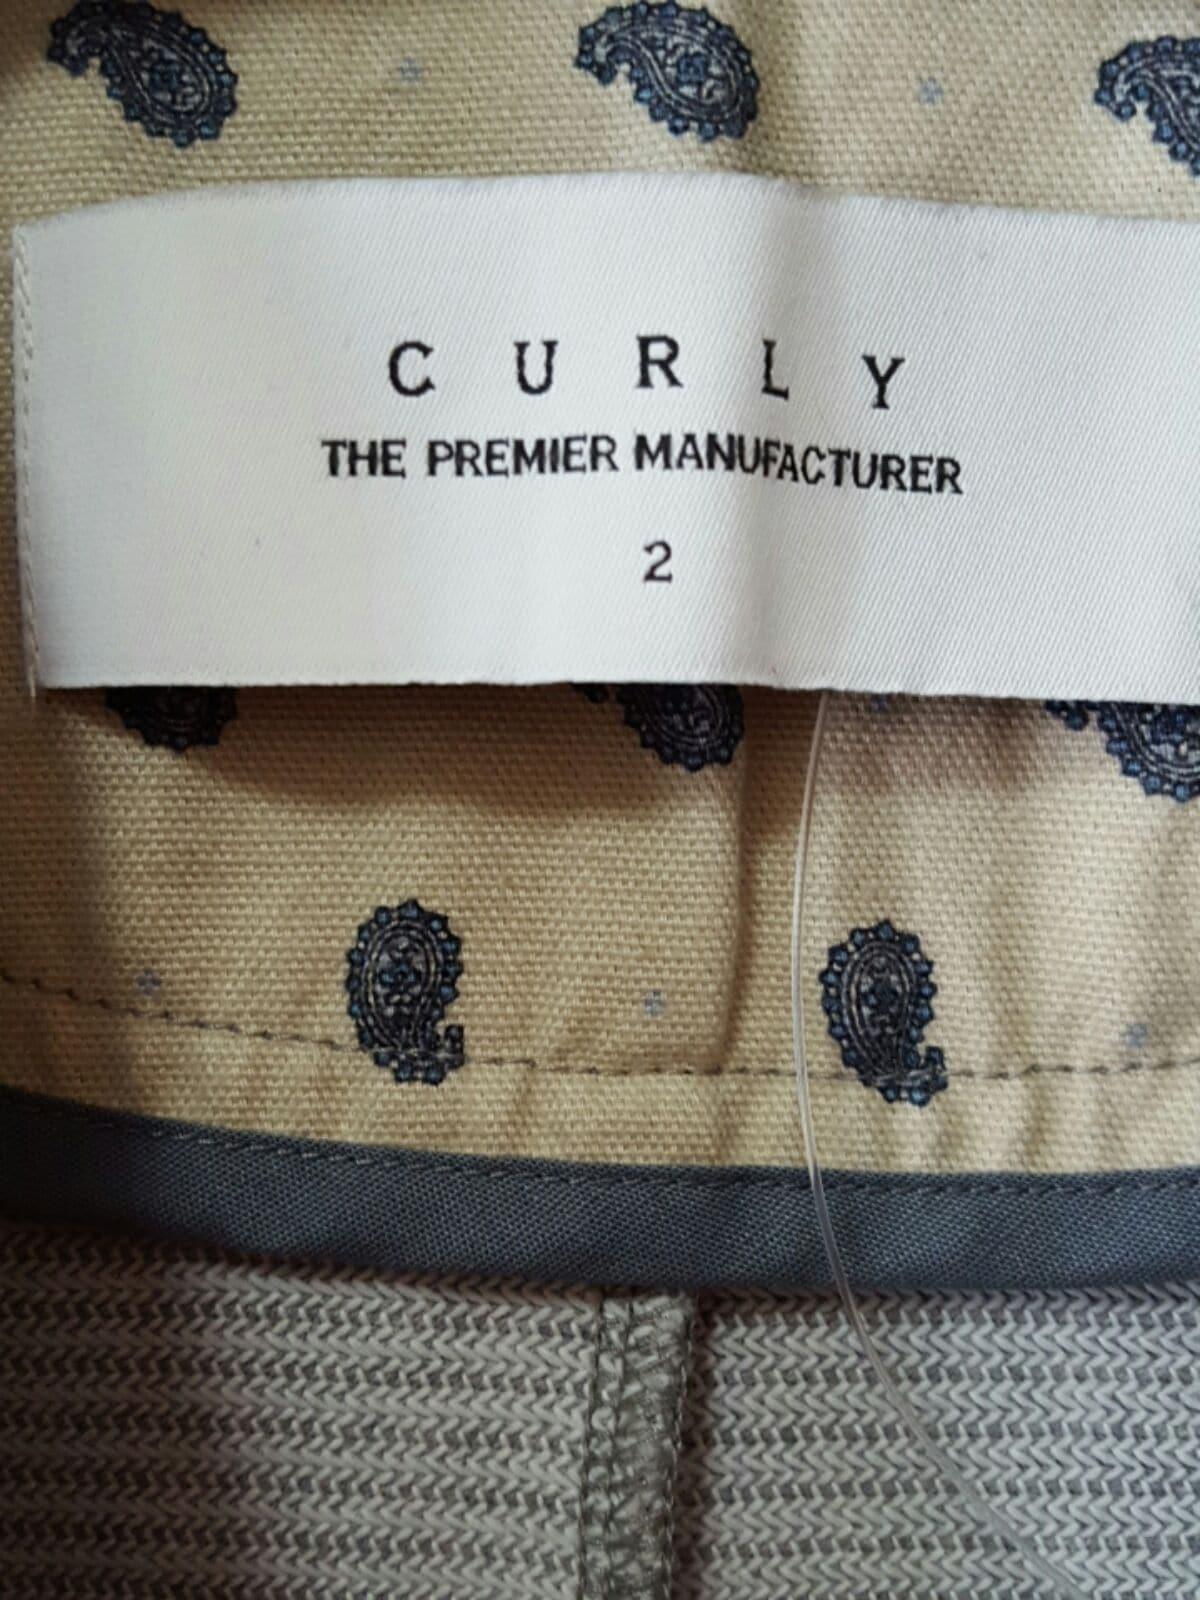 CURLY(カーリー)のカーディガン